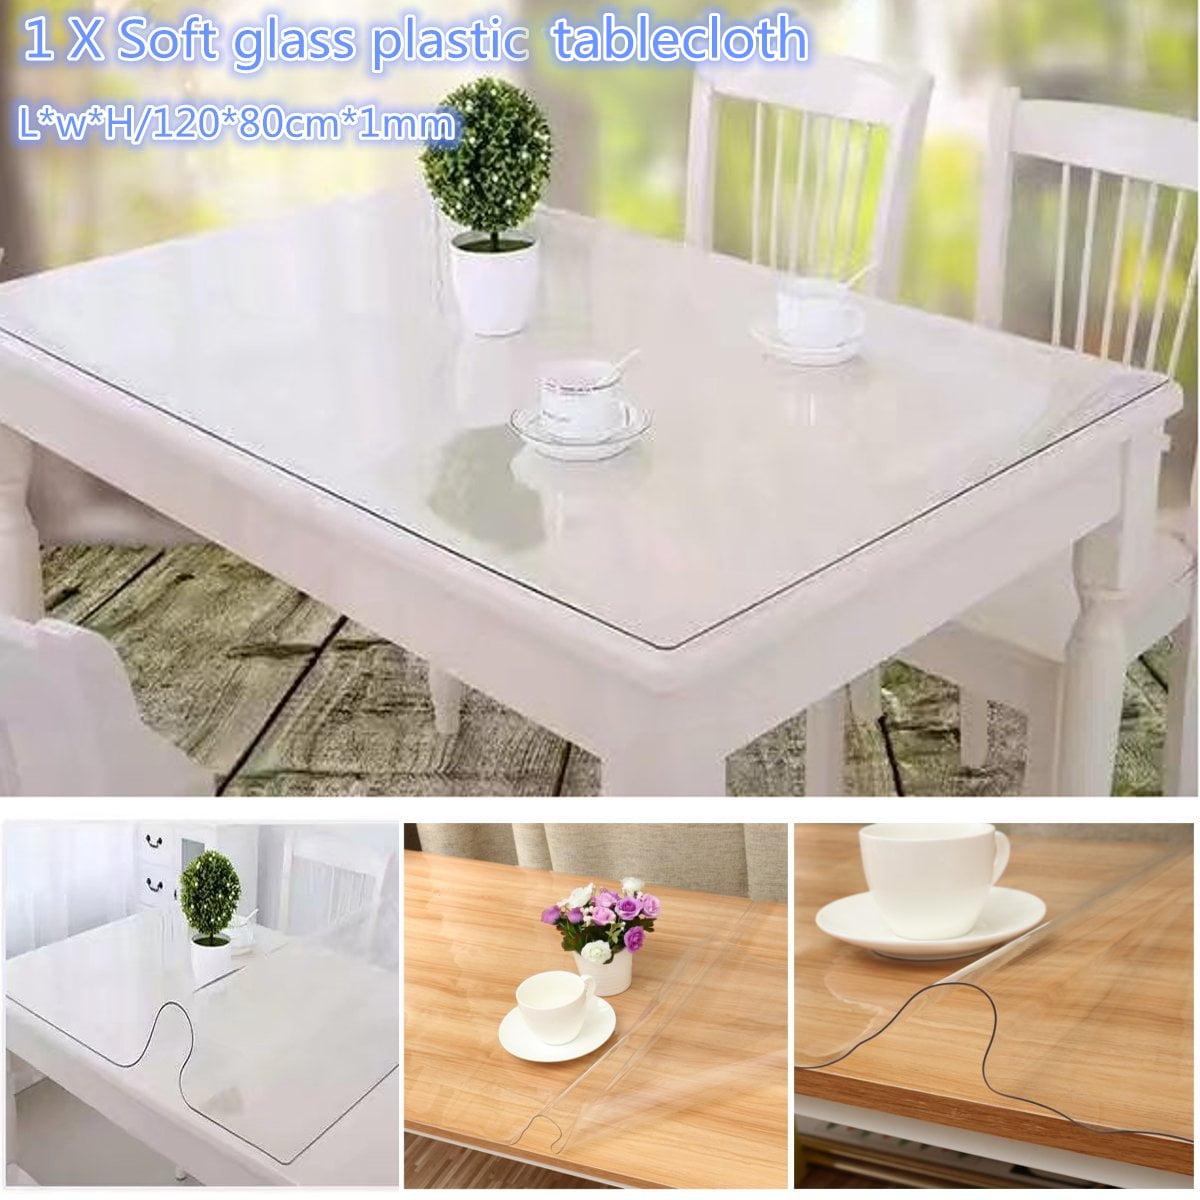 1x PVC Plastique Nappe Table Décor Fête Mariage Anniversaire Rectange 137x183cm